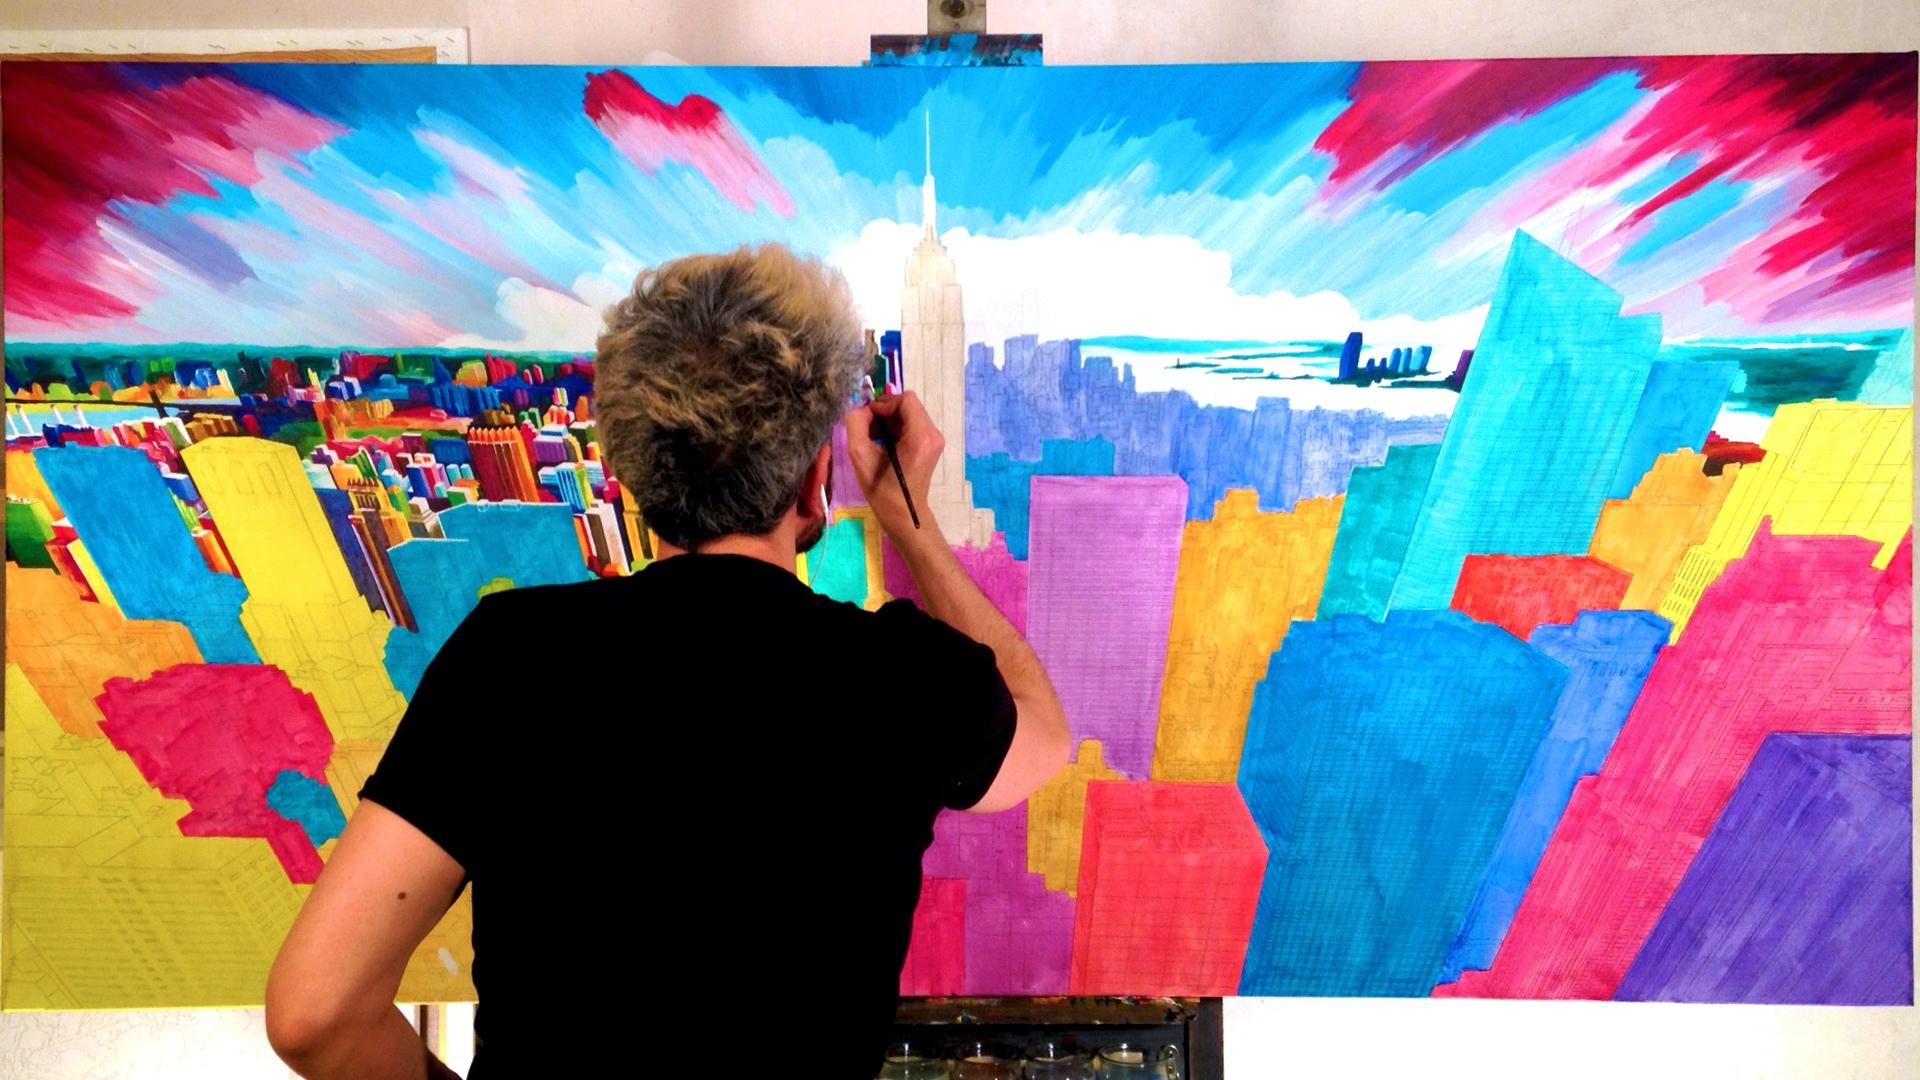 Diario La Rioja. La pintura de Pako Campo. Time lapse con el pintor riojano